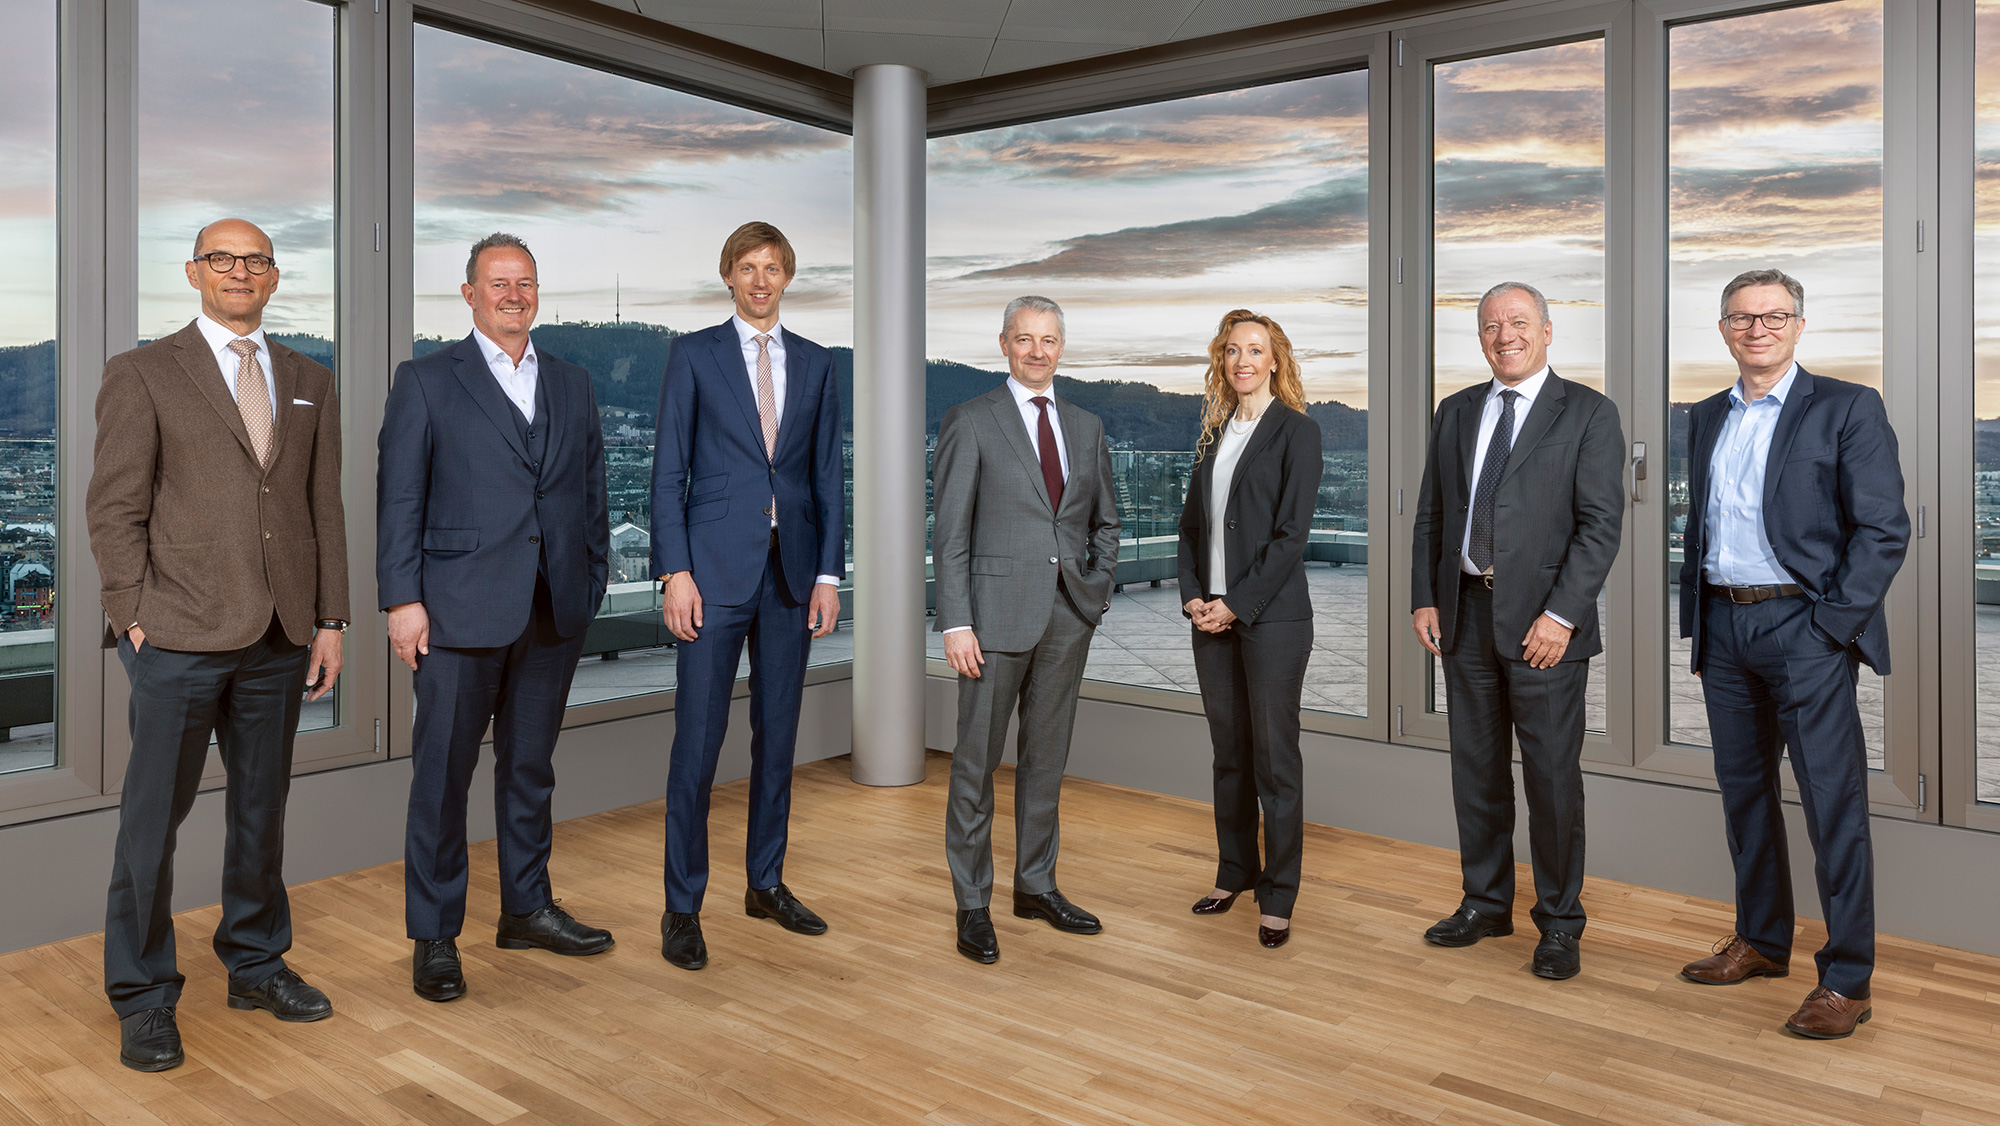 Management | Migros Annual Report 2018